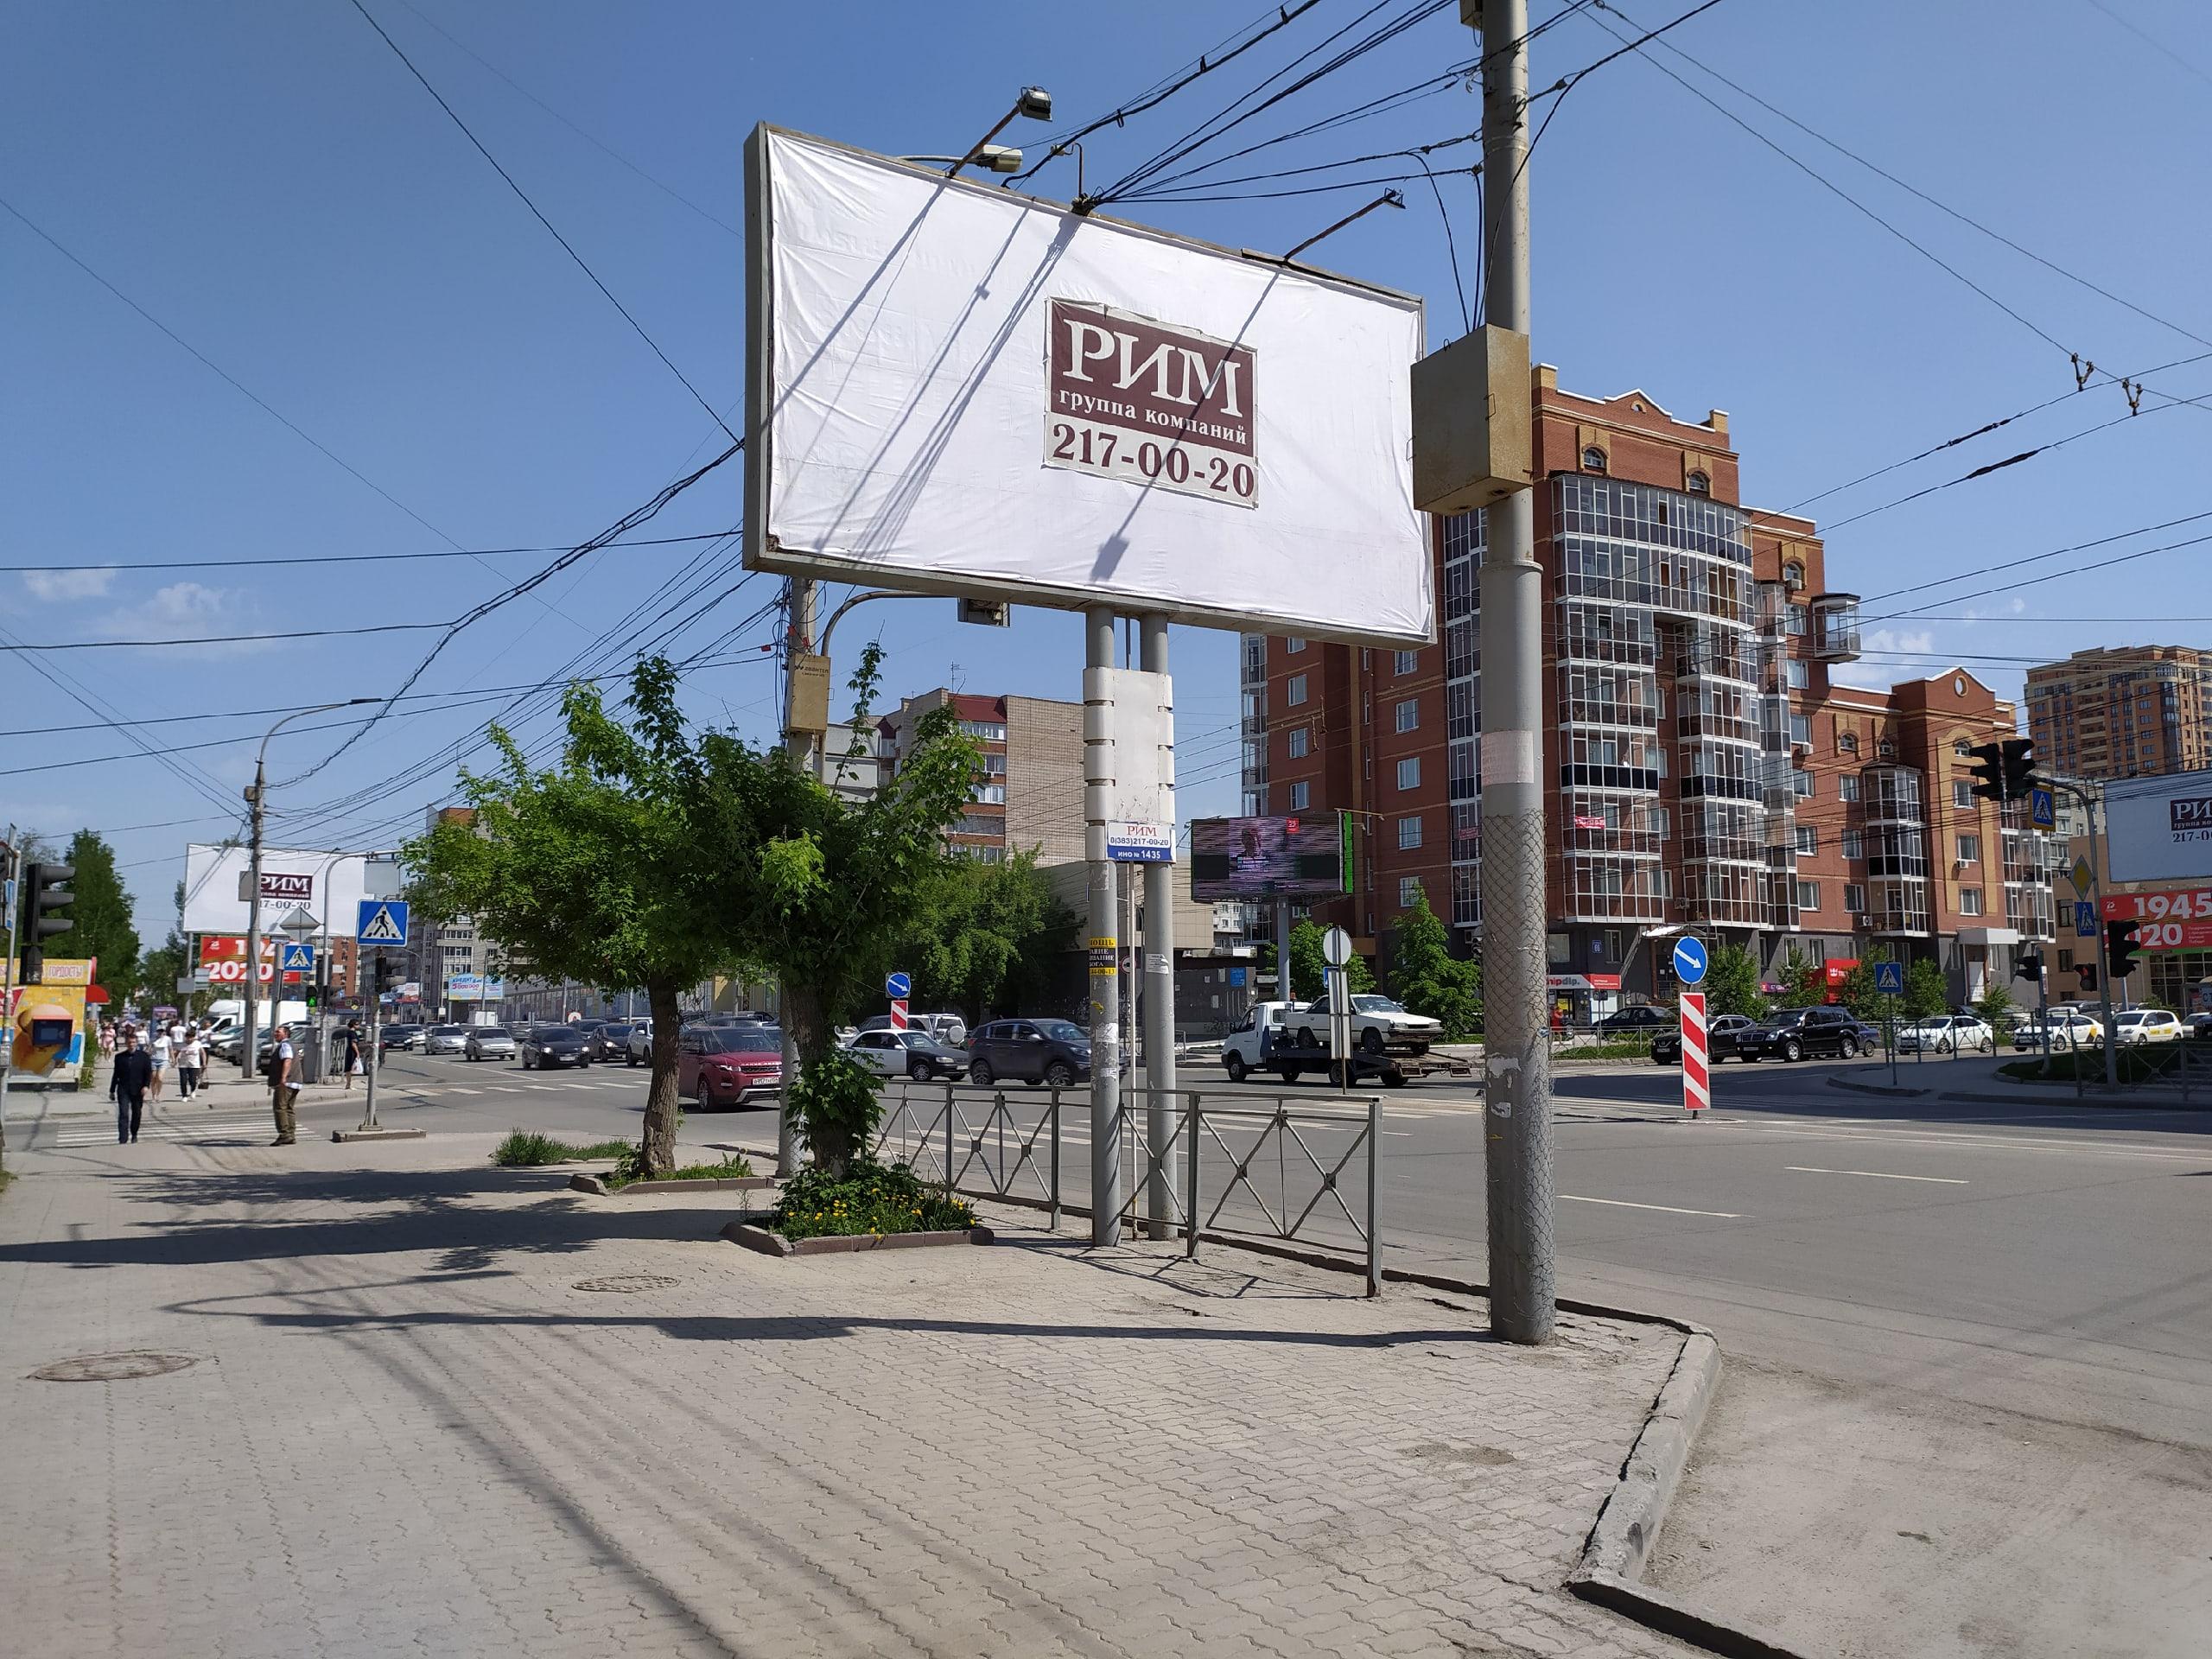 фото Коронавирус убивает рынок наружной рекламы: баннеры исчезли с улиц и метро Новосибирска 4